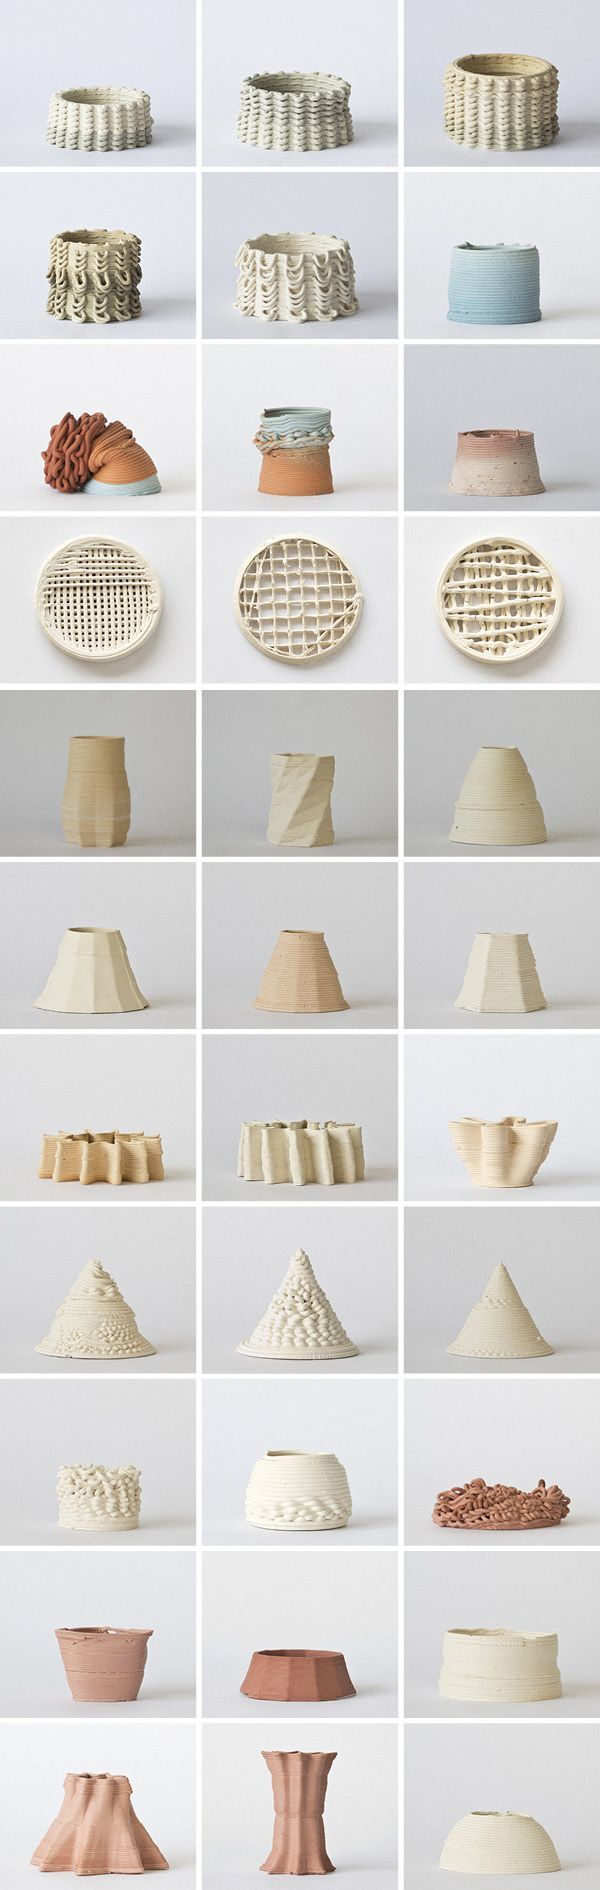 Diferentes tipos de ceramica.